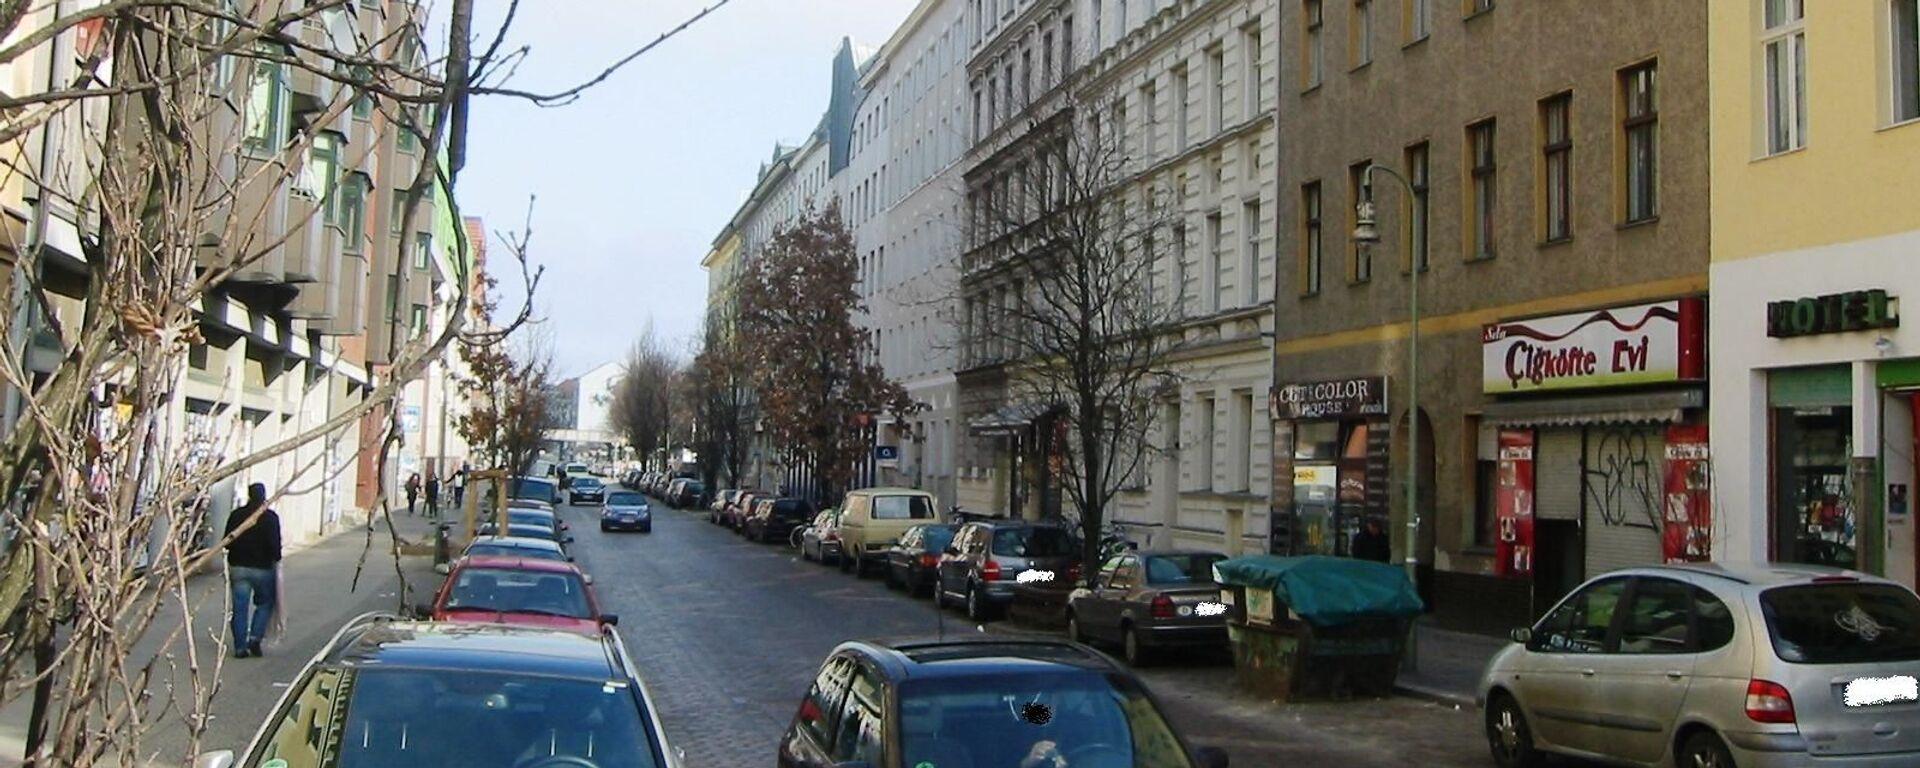 Ulice Mariannenstraße v Berlíně, Německo - Sputnik Česká republika, 1920, 28.06.2021